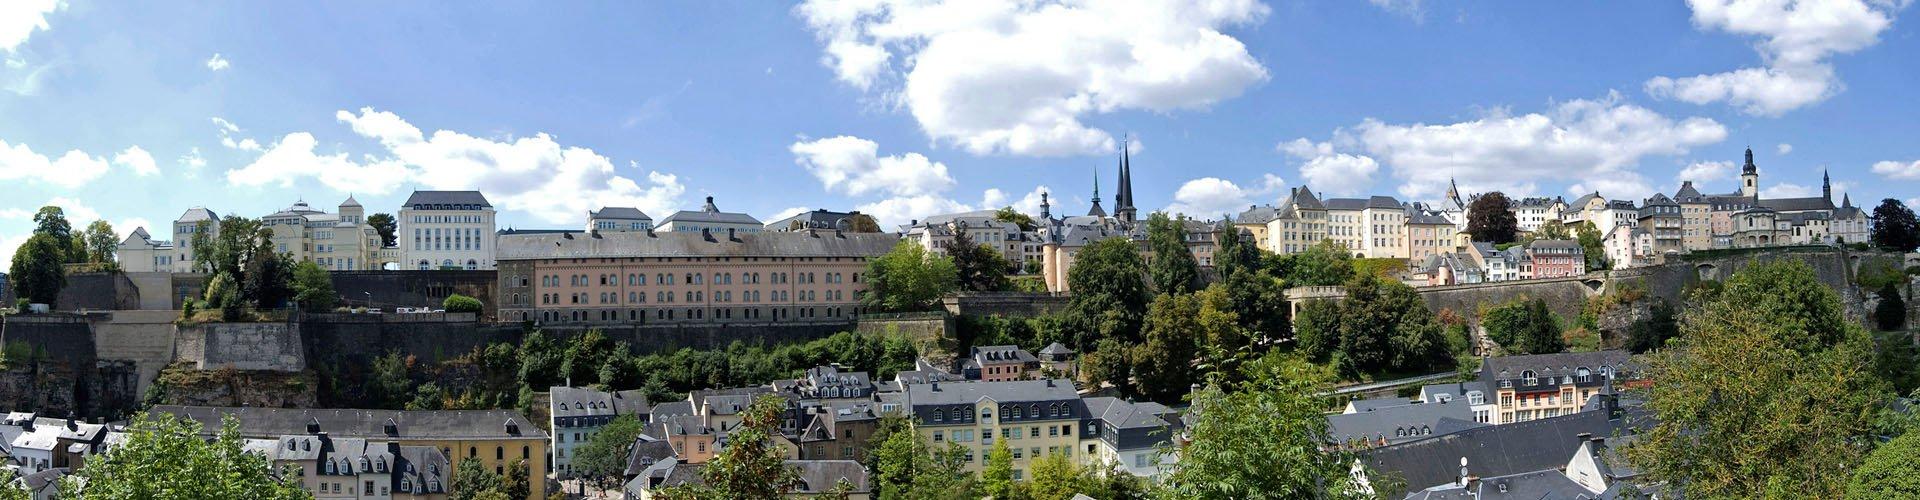 Vakantie luxemburg de garantie voor een topvakantie for Vakantie luxemburg